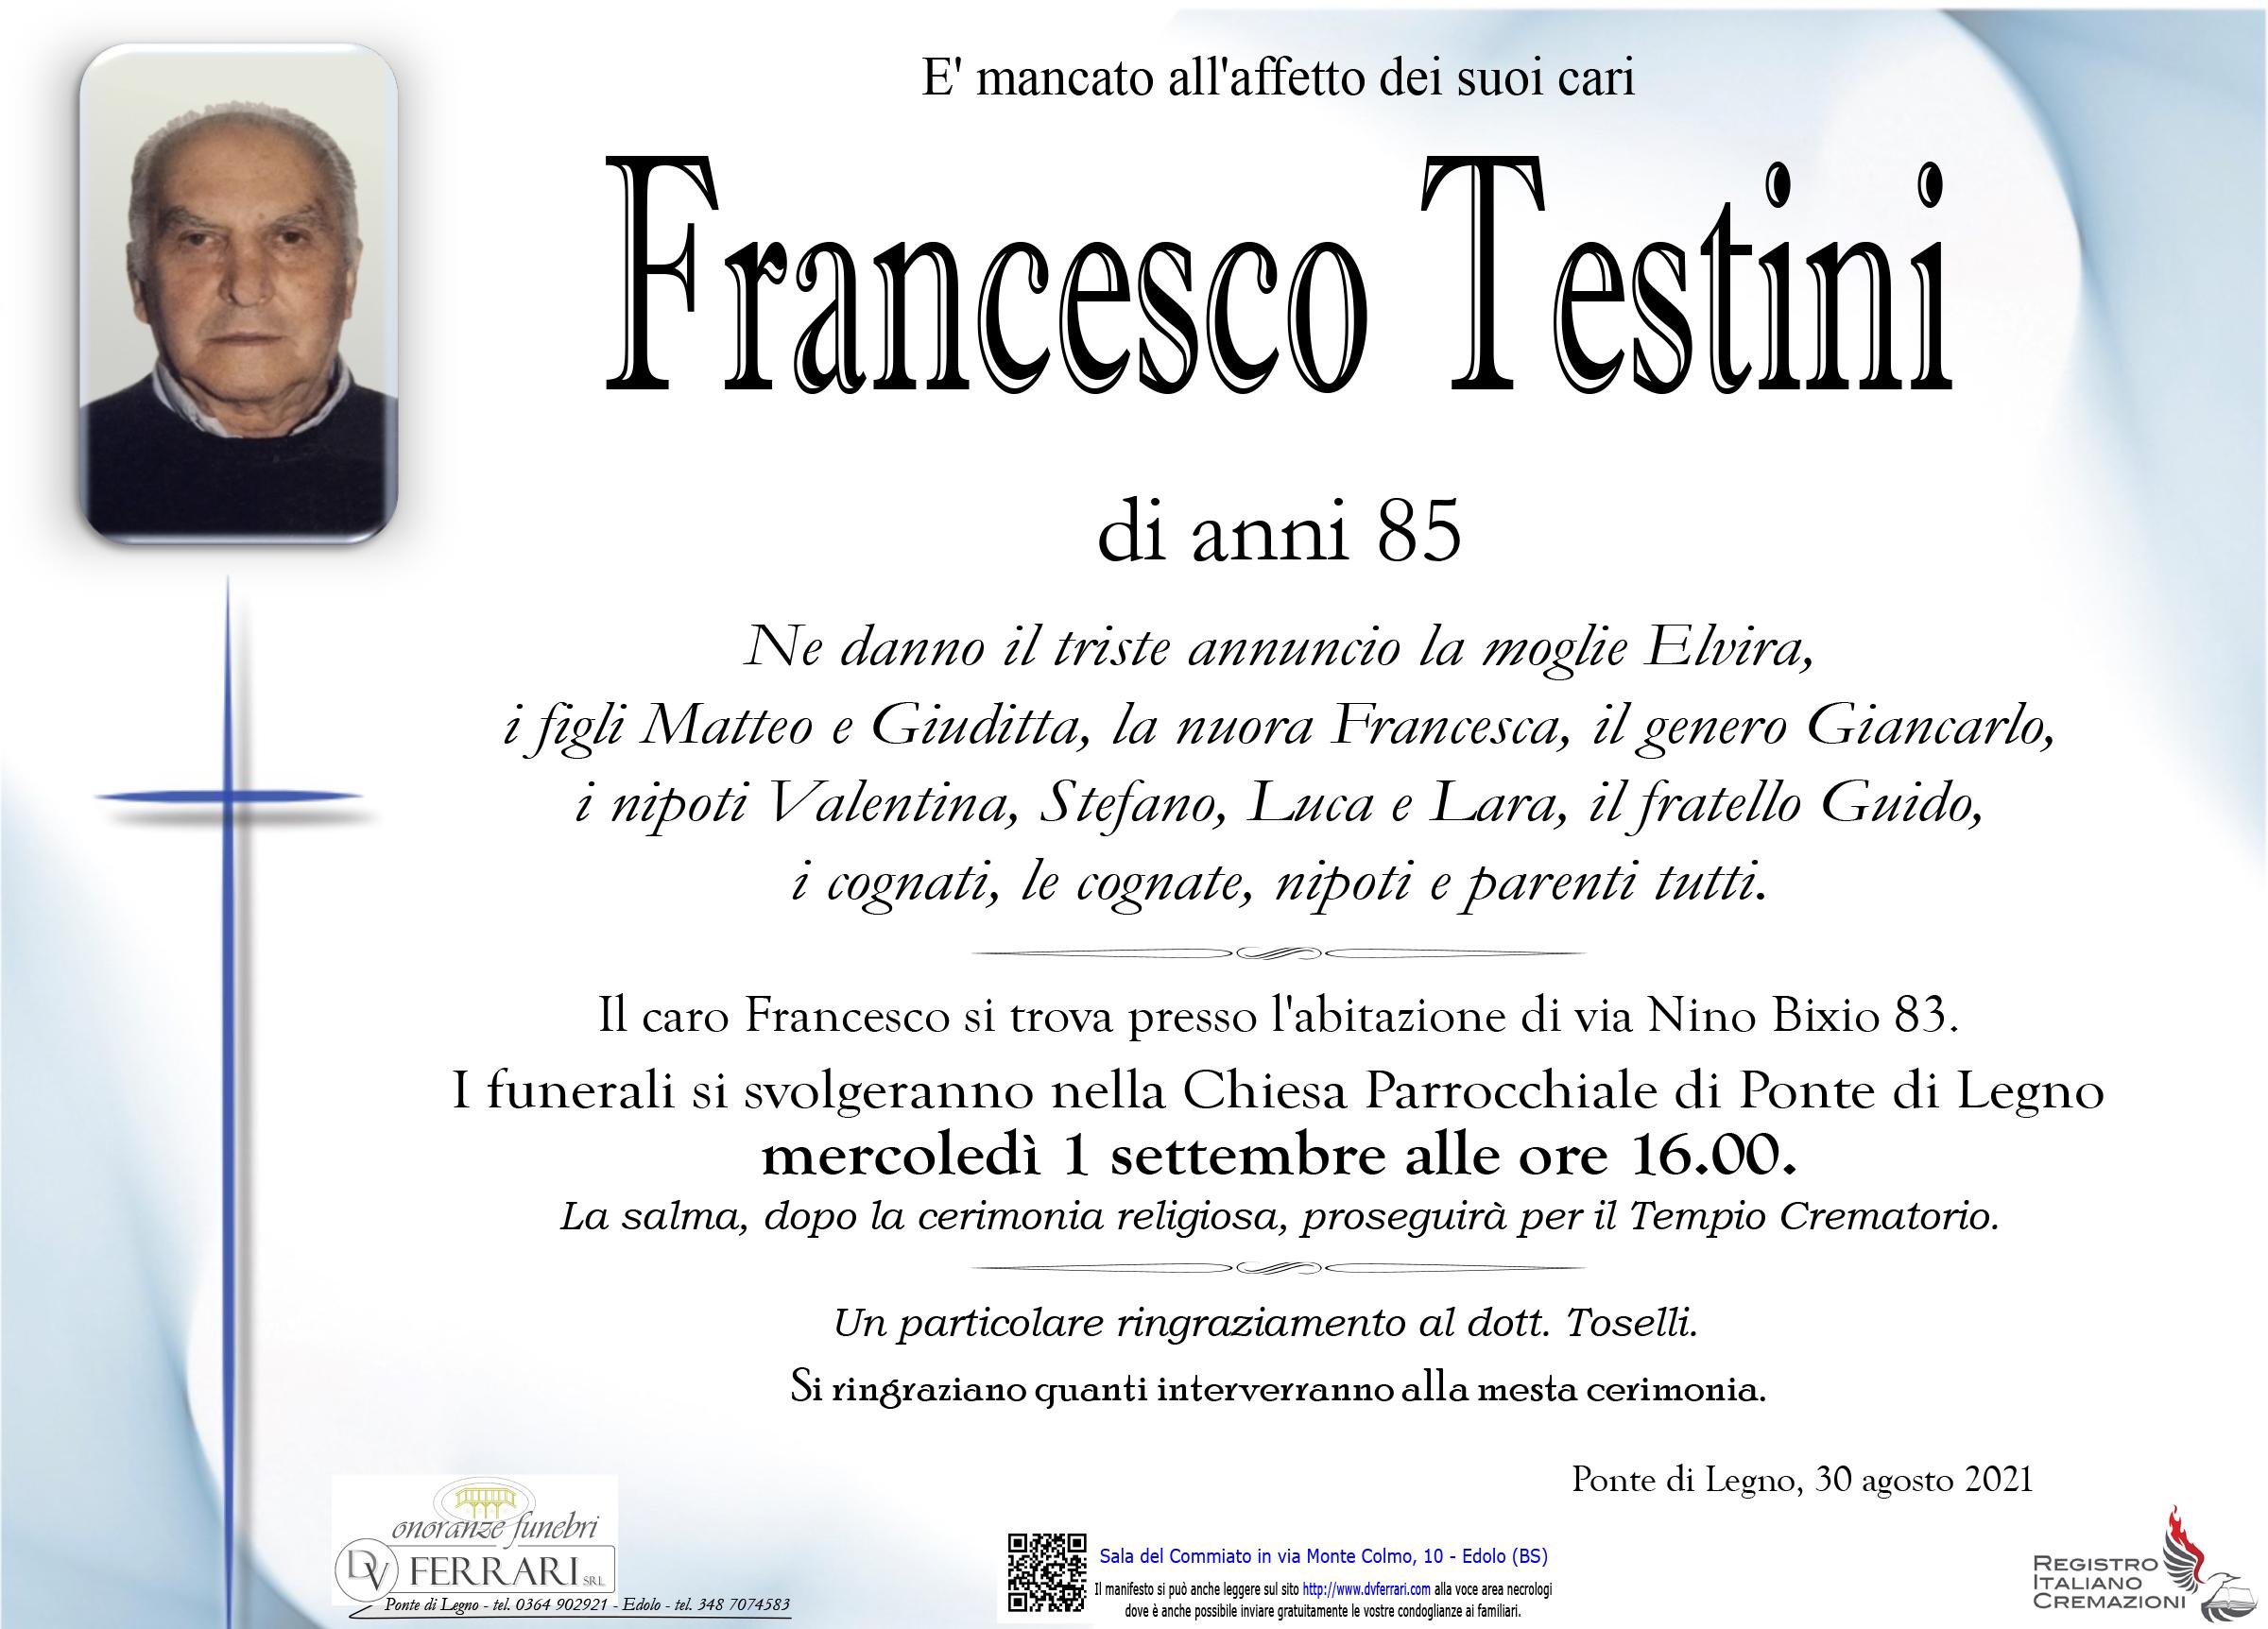 FRANCESCO TESTINI - PONTE DI LEGNO